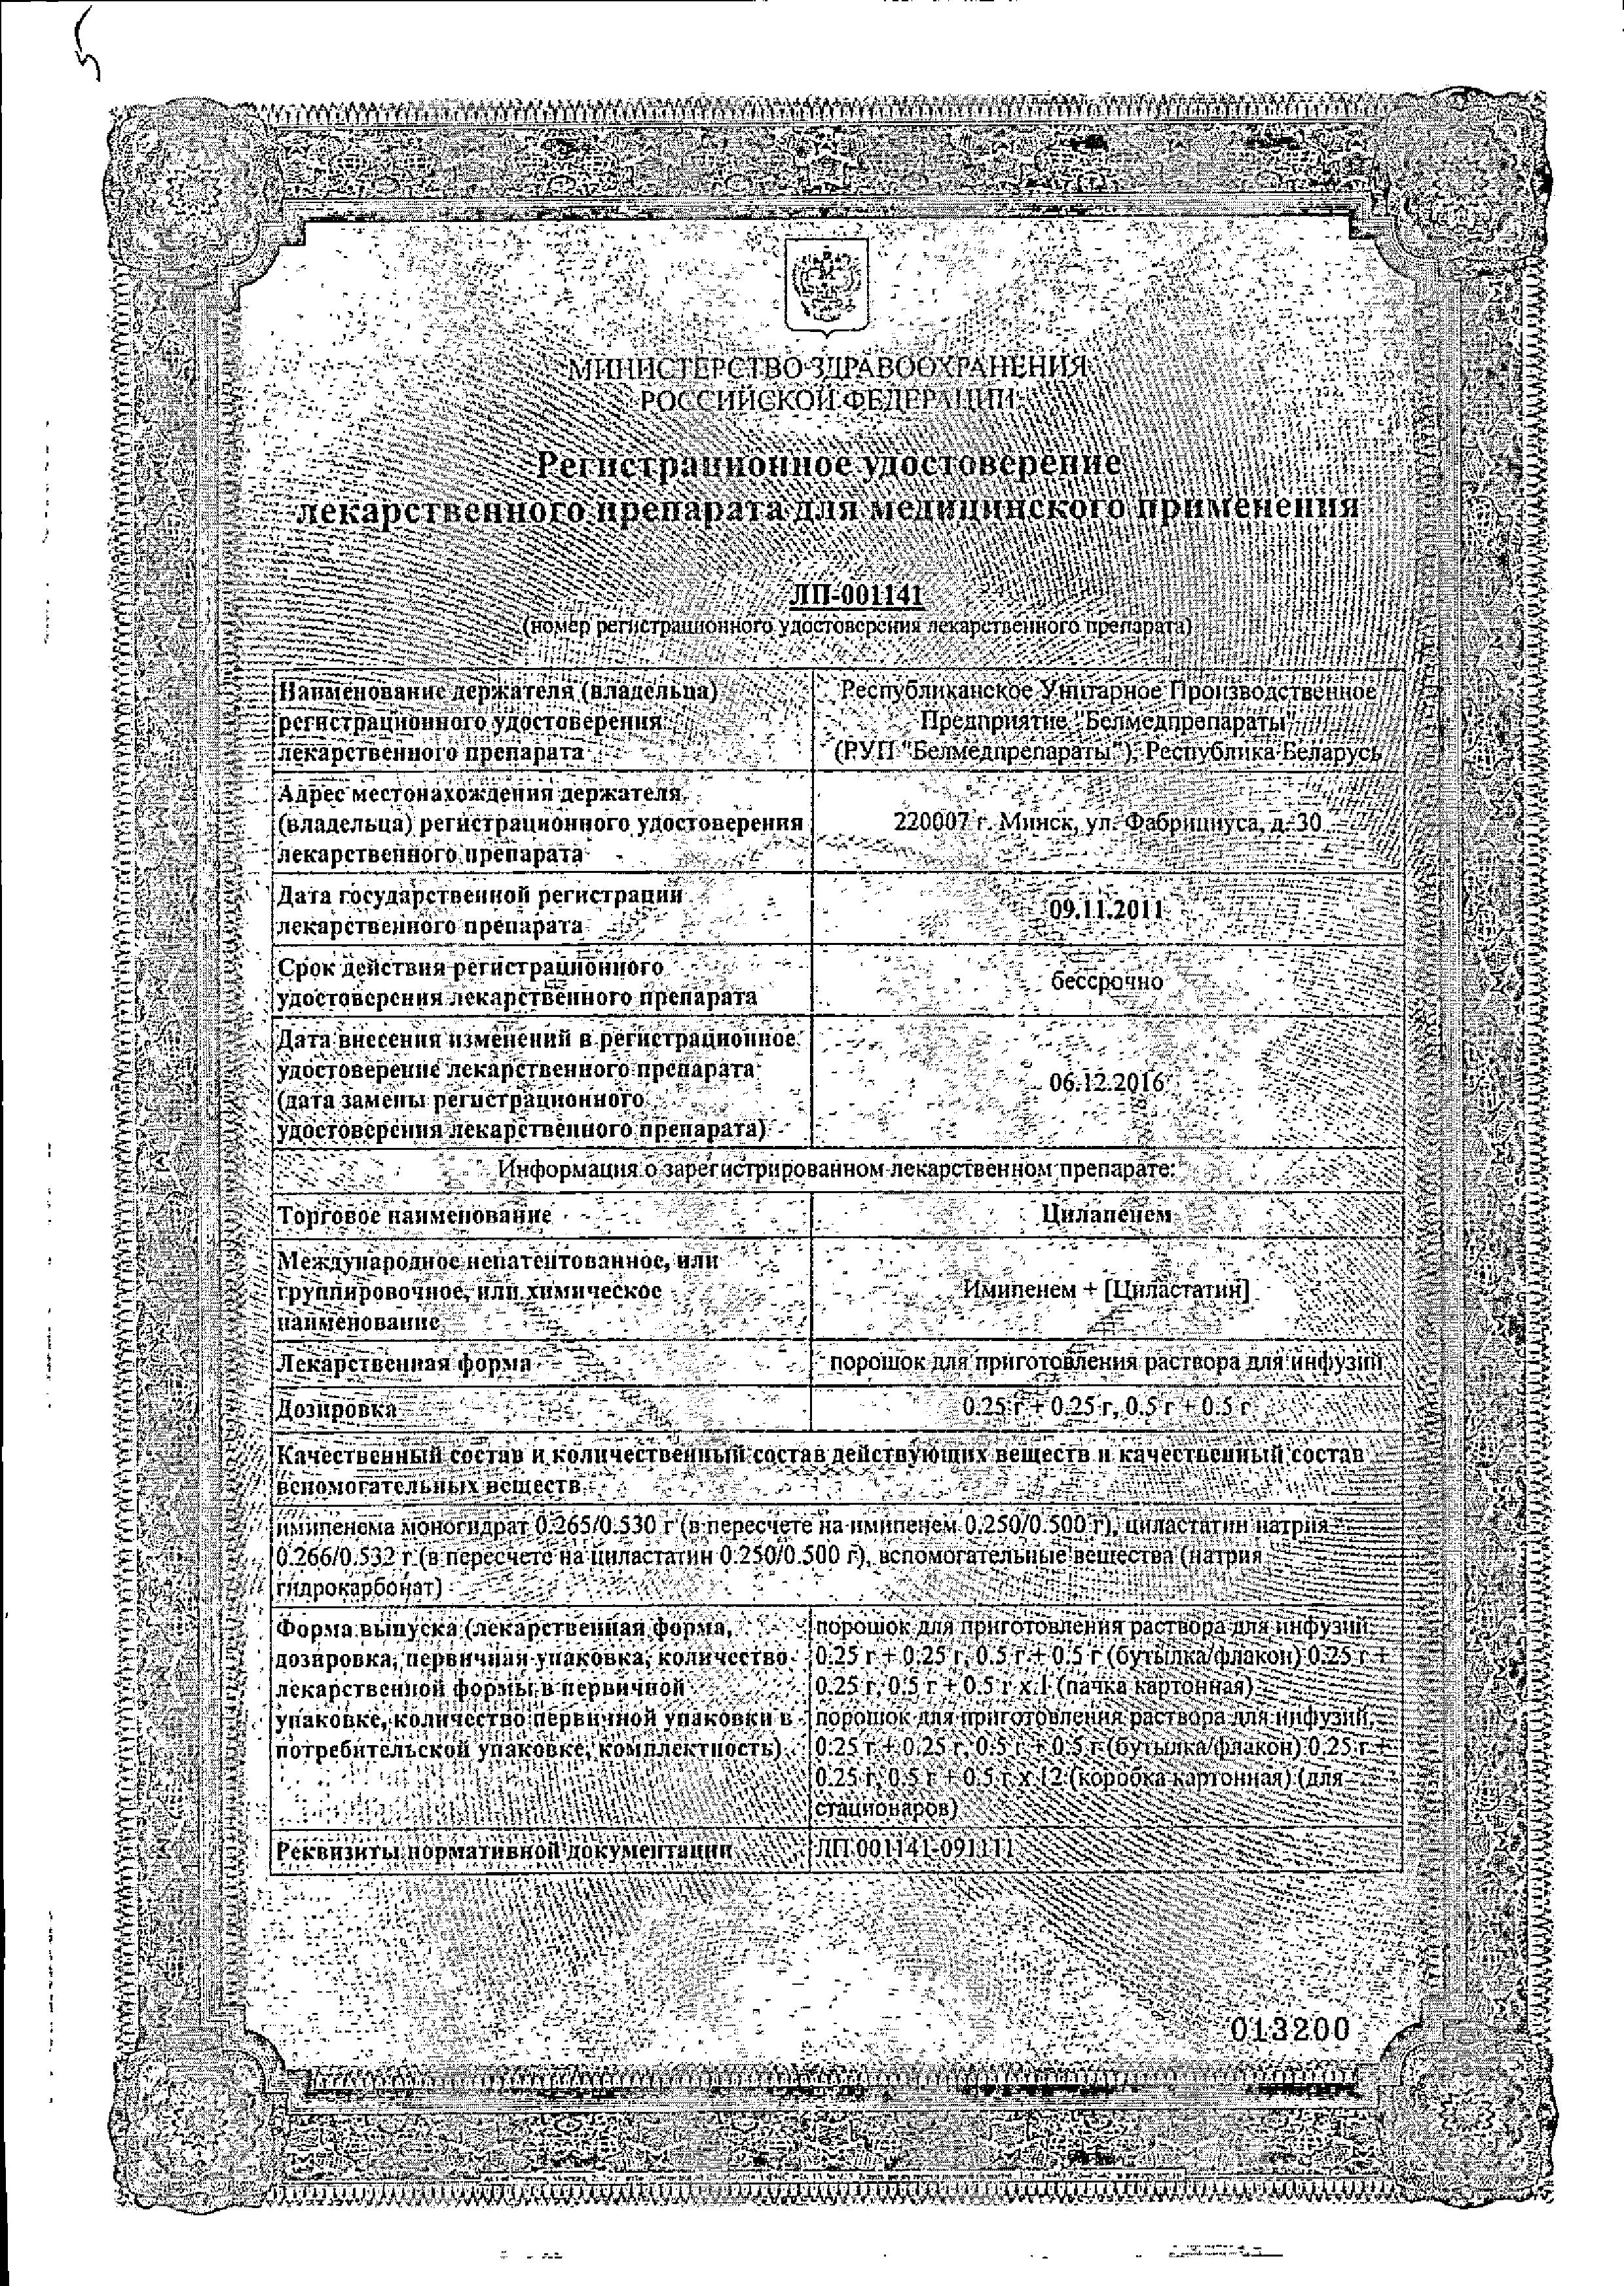 Цилапенем сертификат